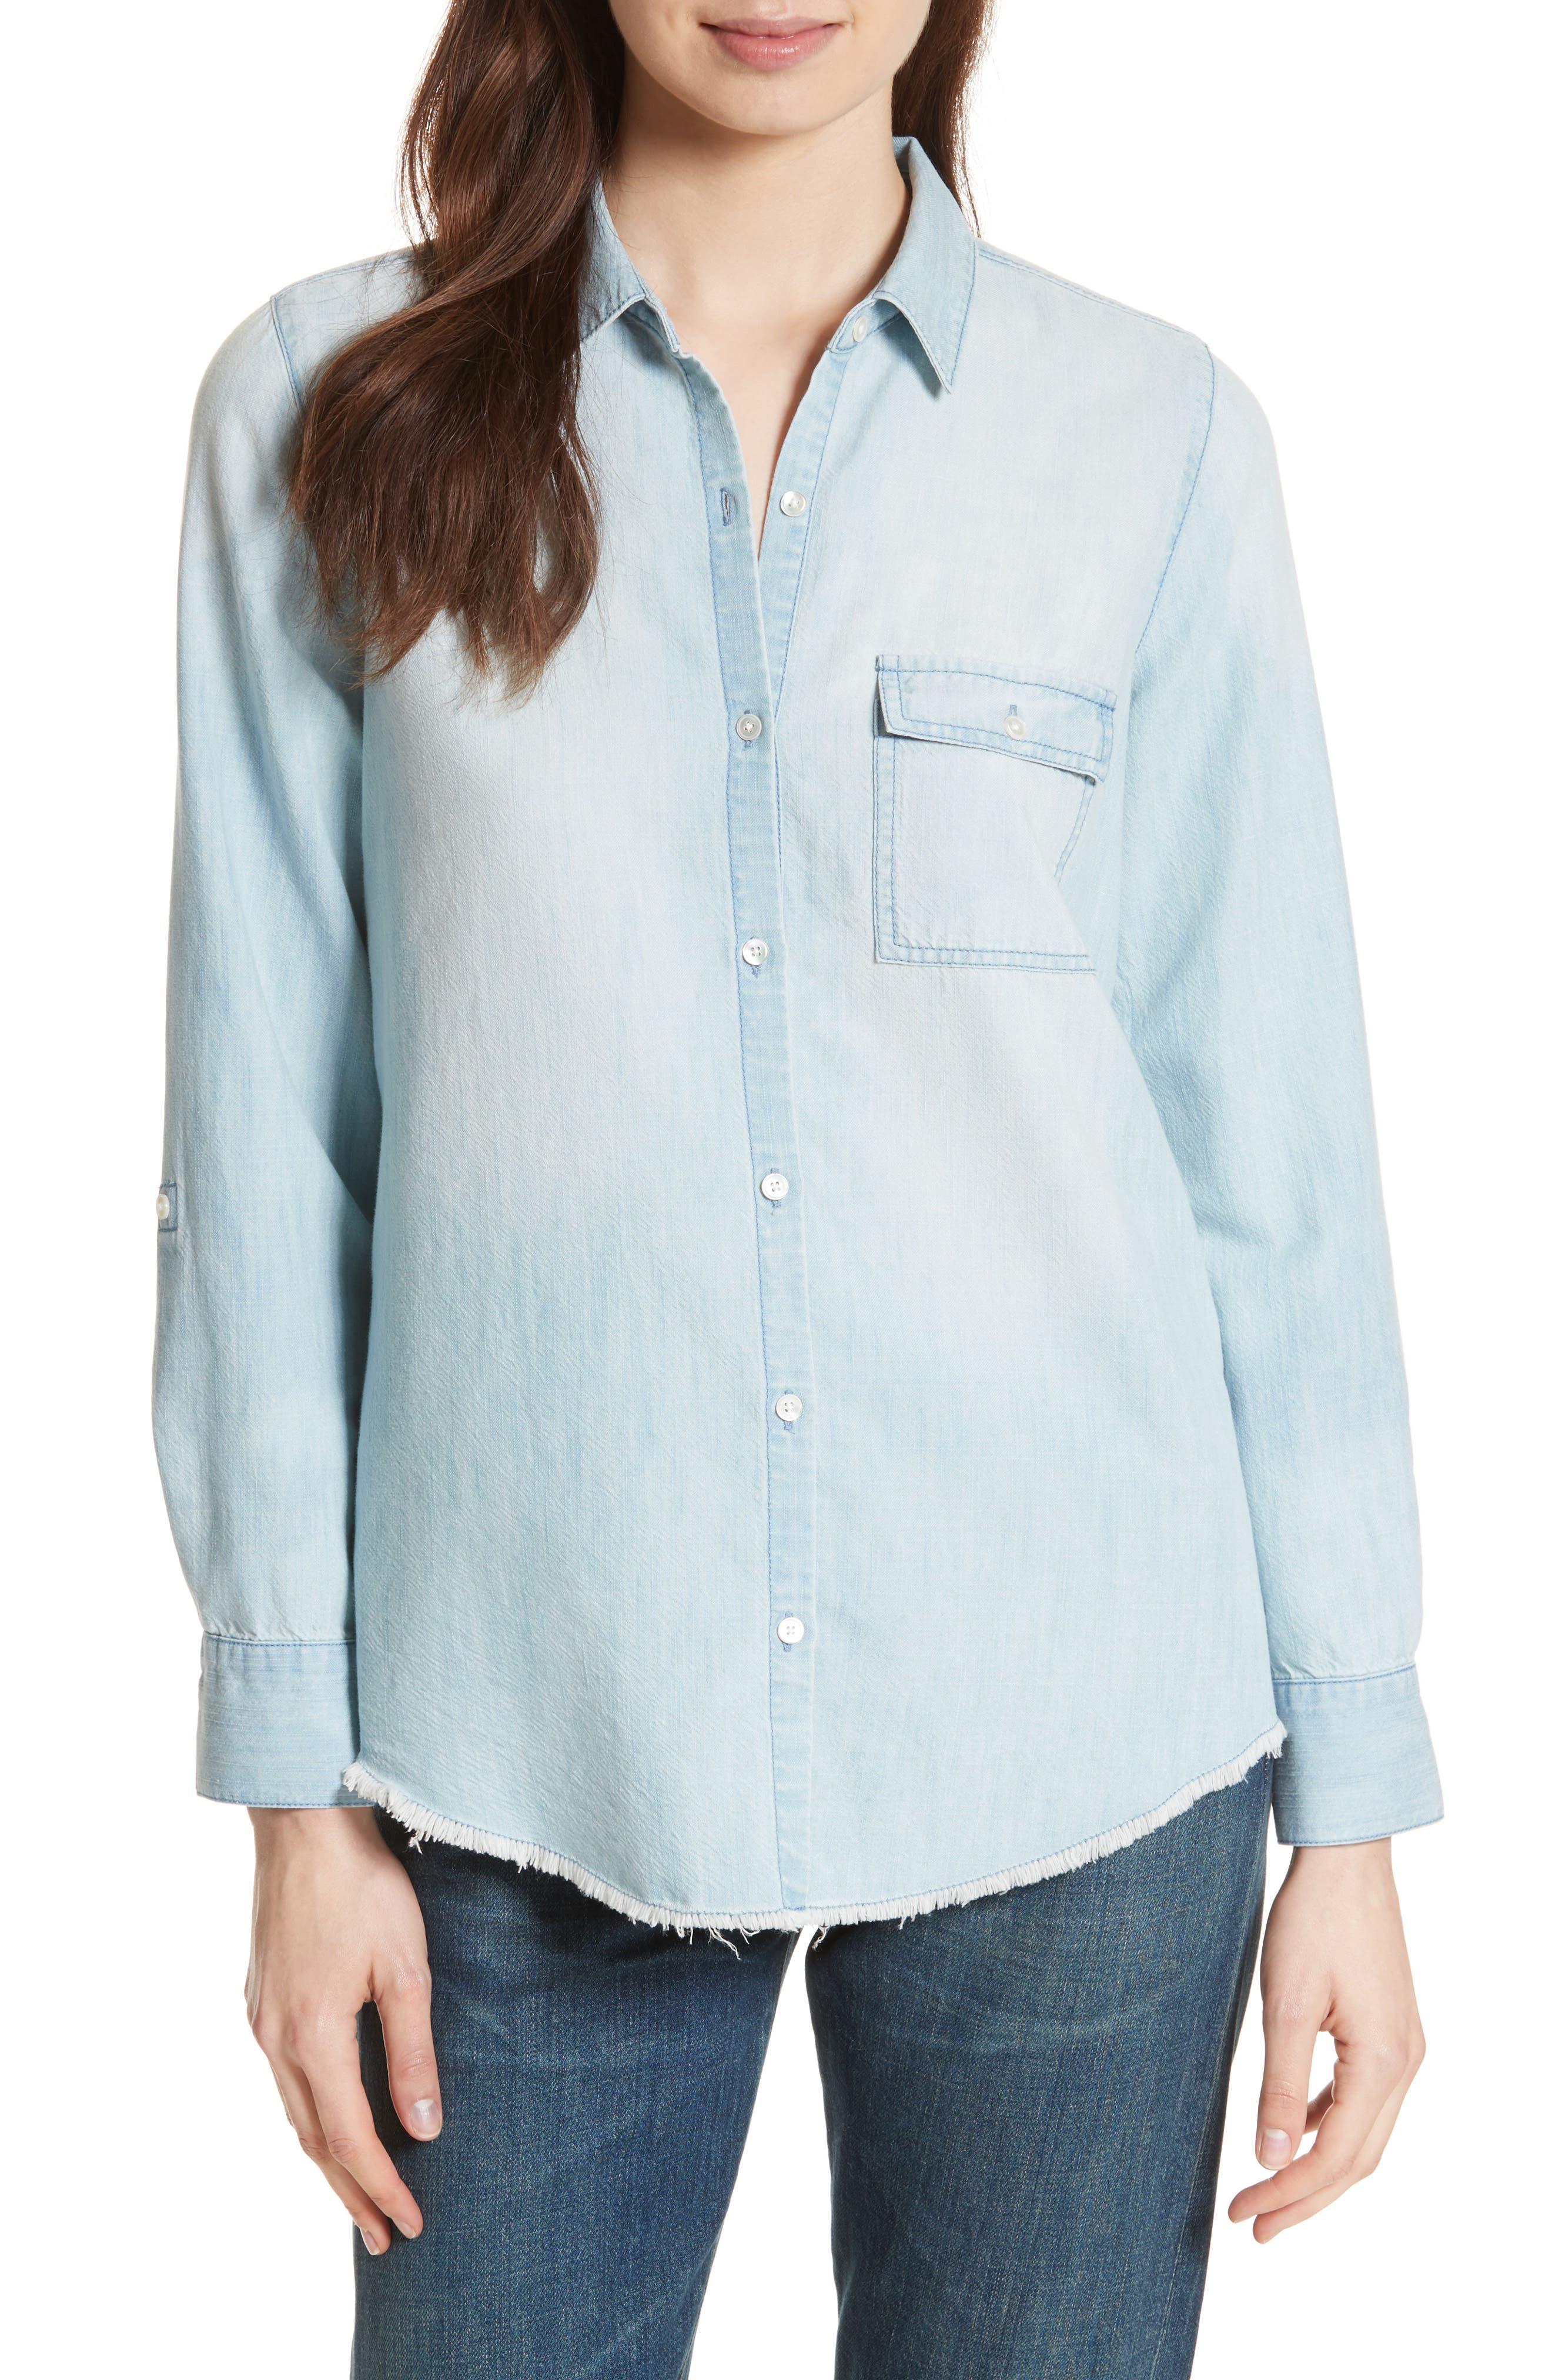 Soft Joie Onyx B Chambray Shirt